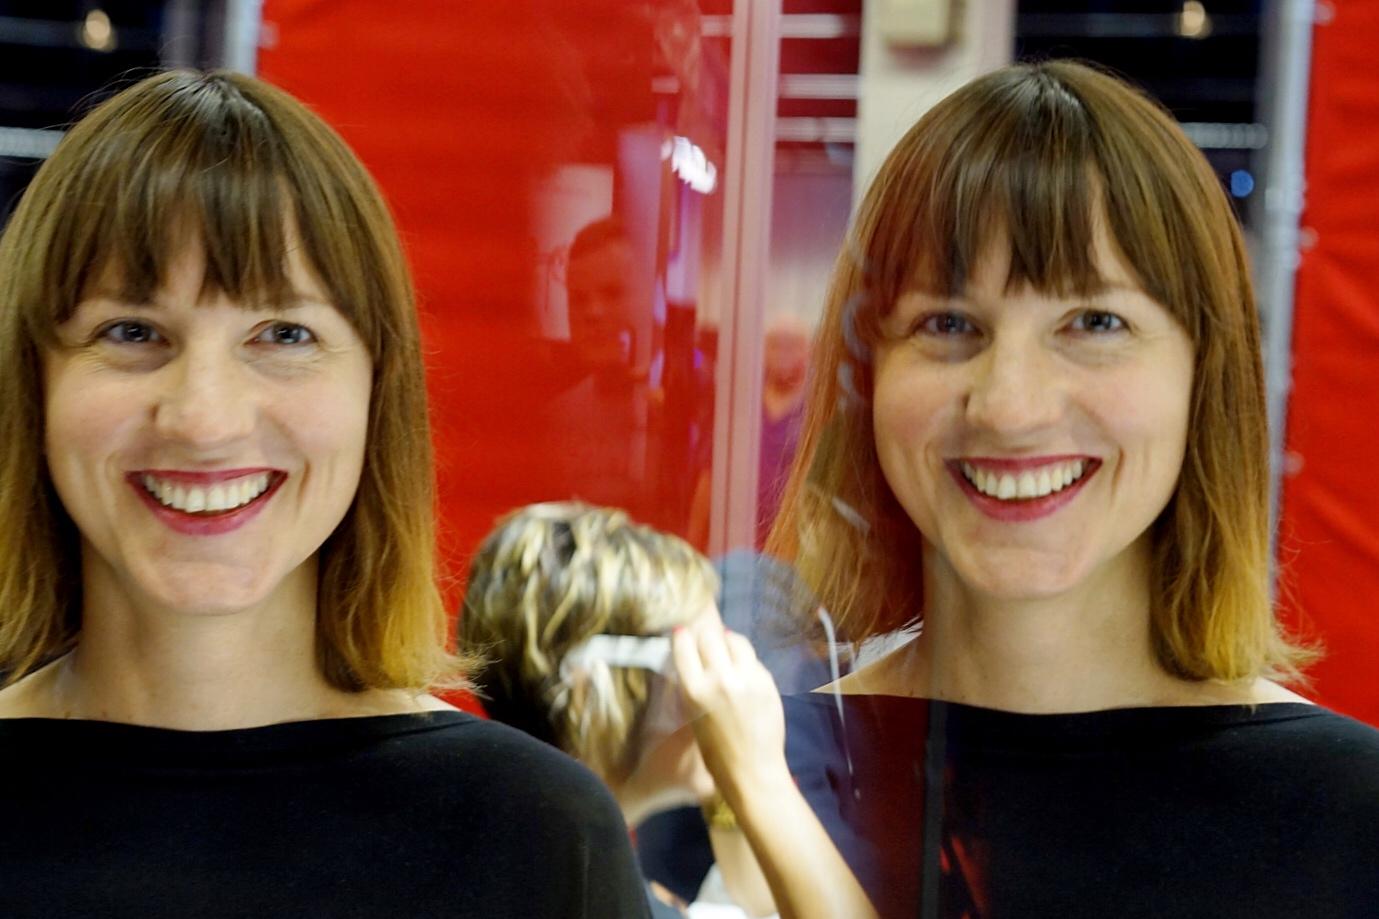 Íris Ólafsdóttir, Kúla's founder and CEO, photographed at Photokina in Cologne with the company's SLR product